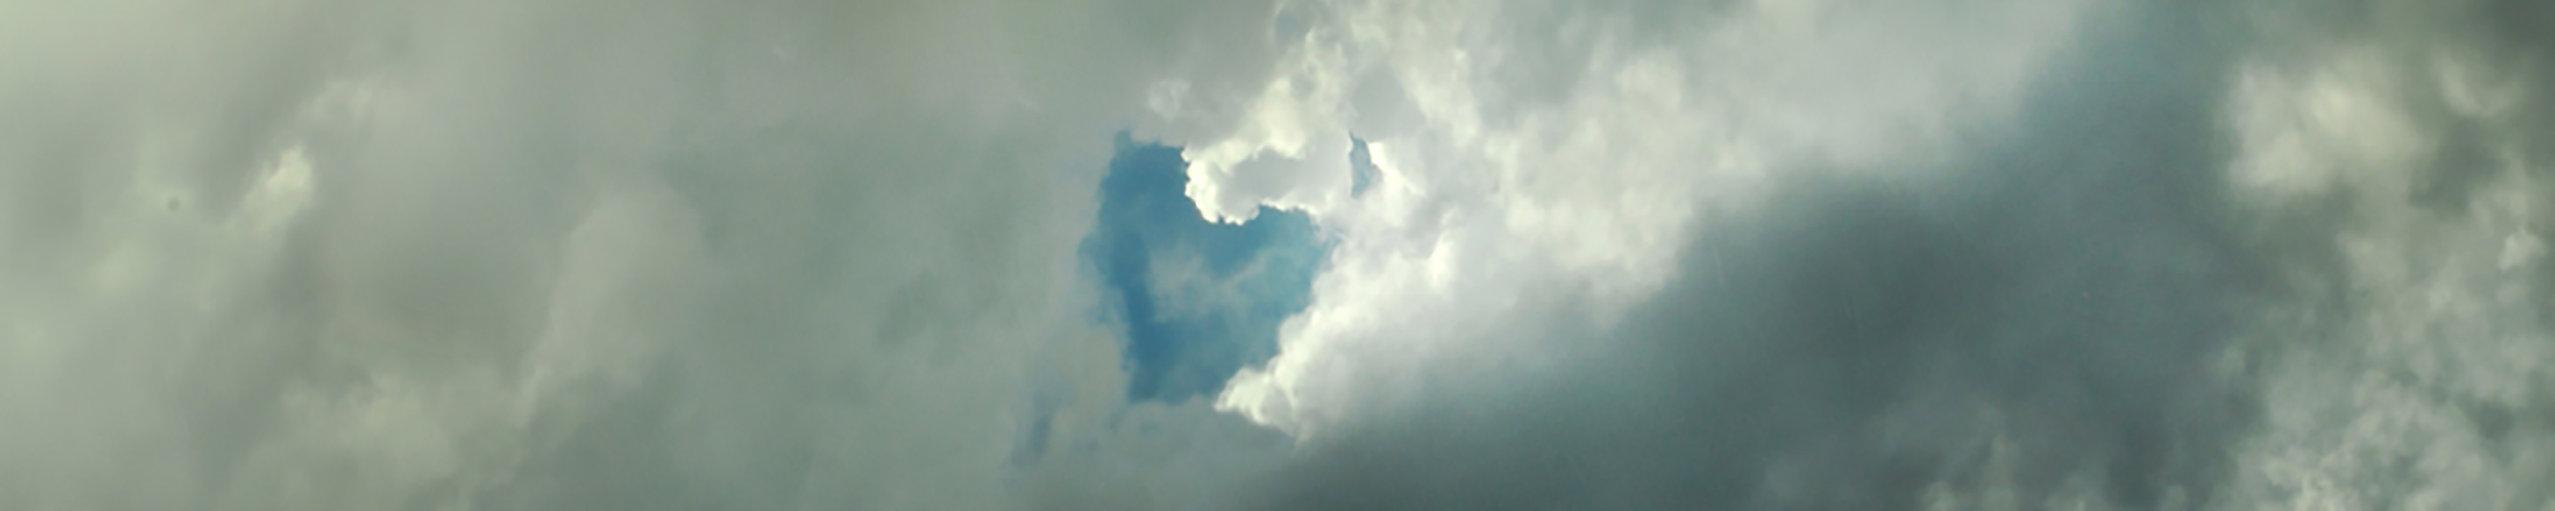 heart sky slice.jpg